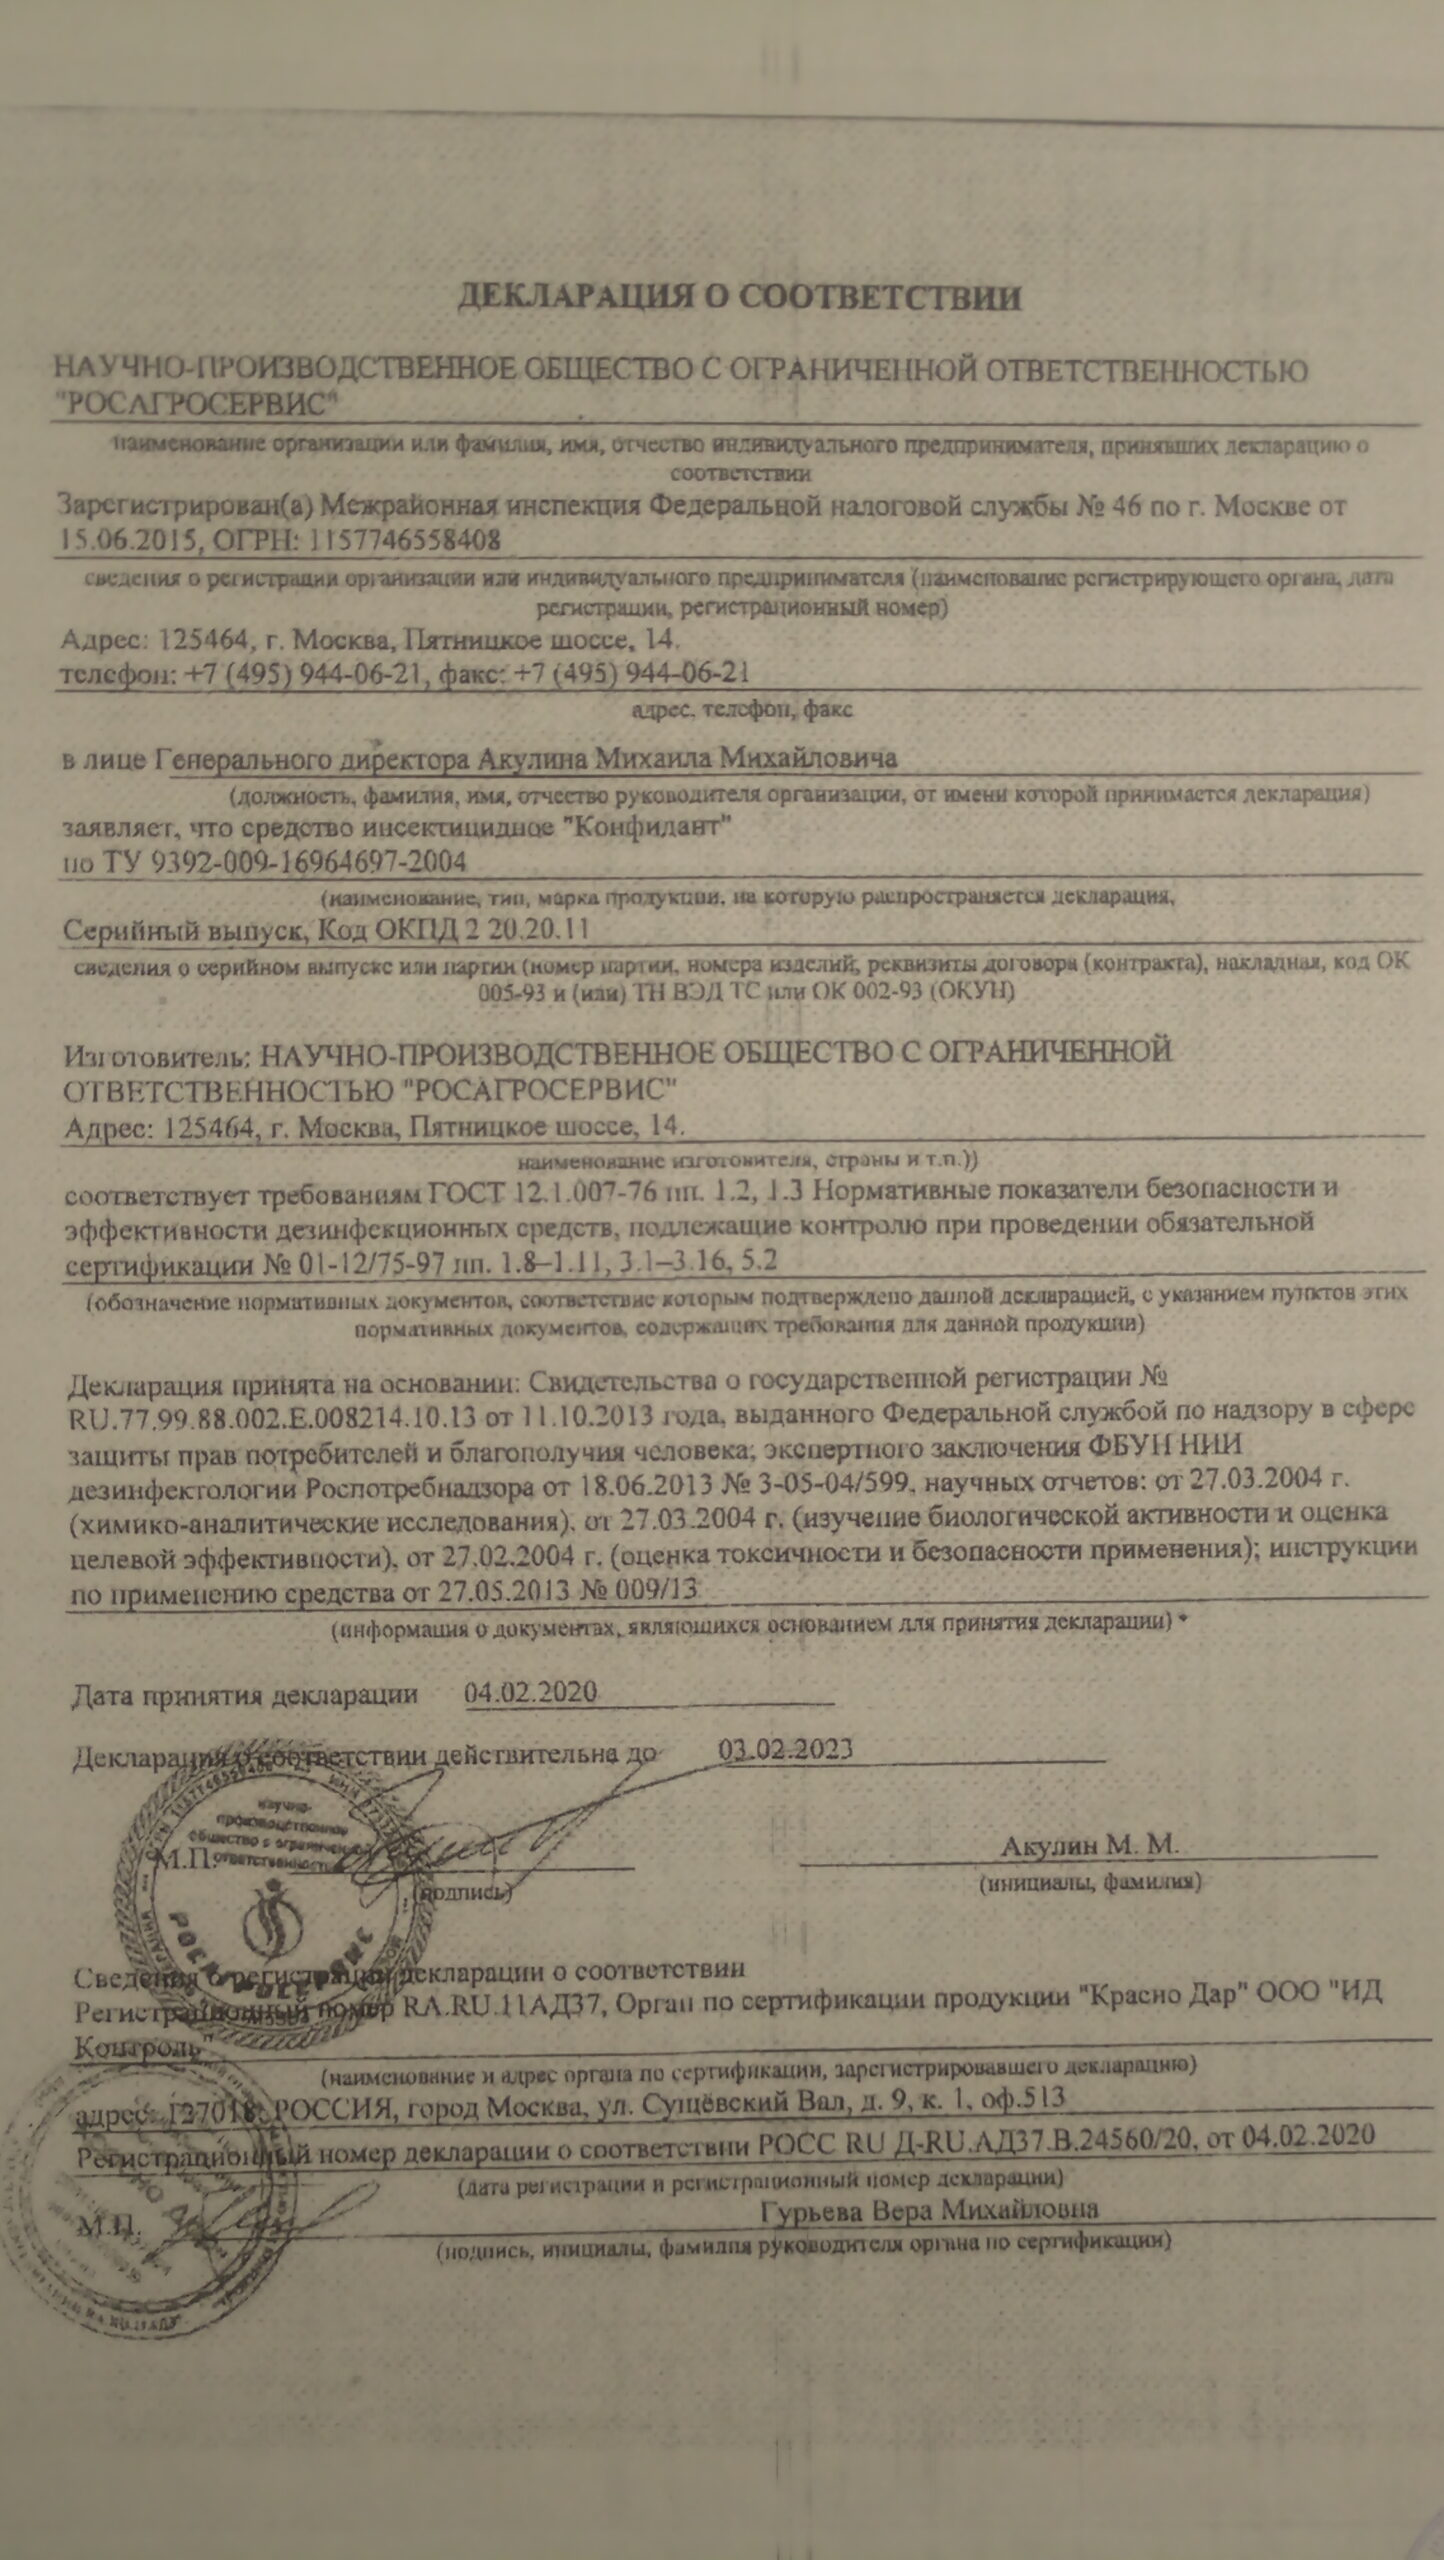 Конфидант-Декларация соответствия